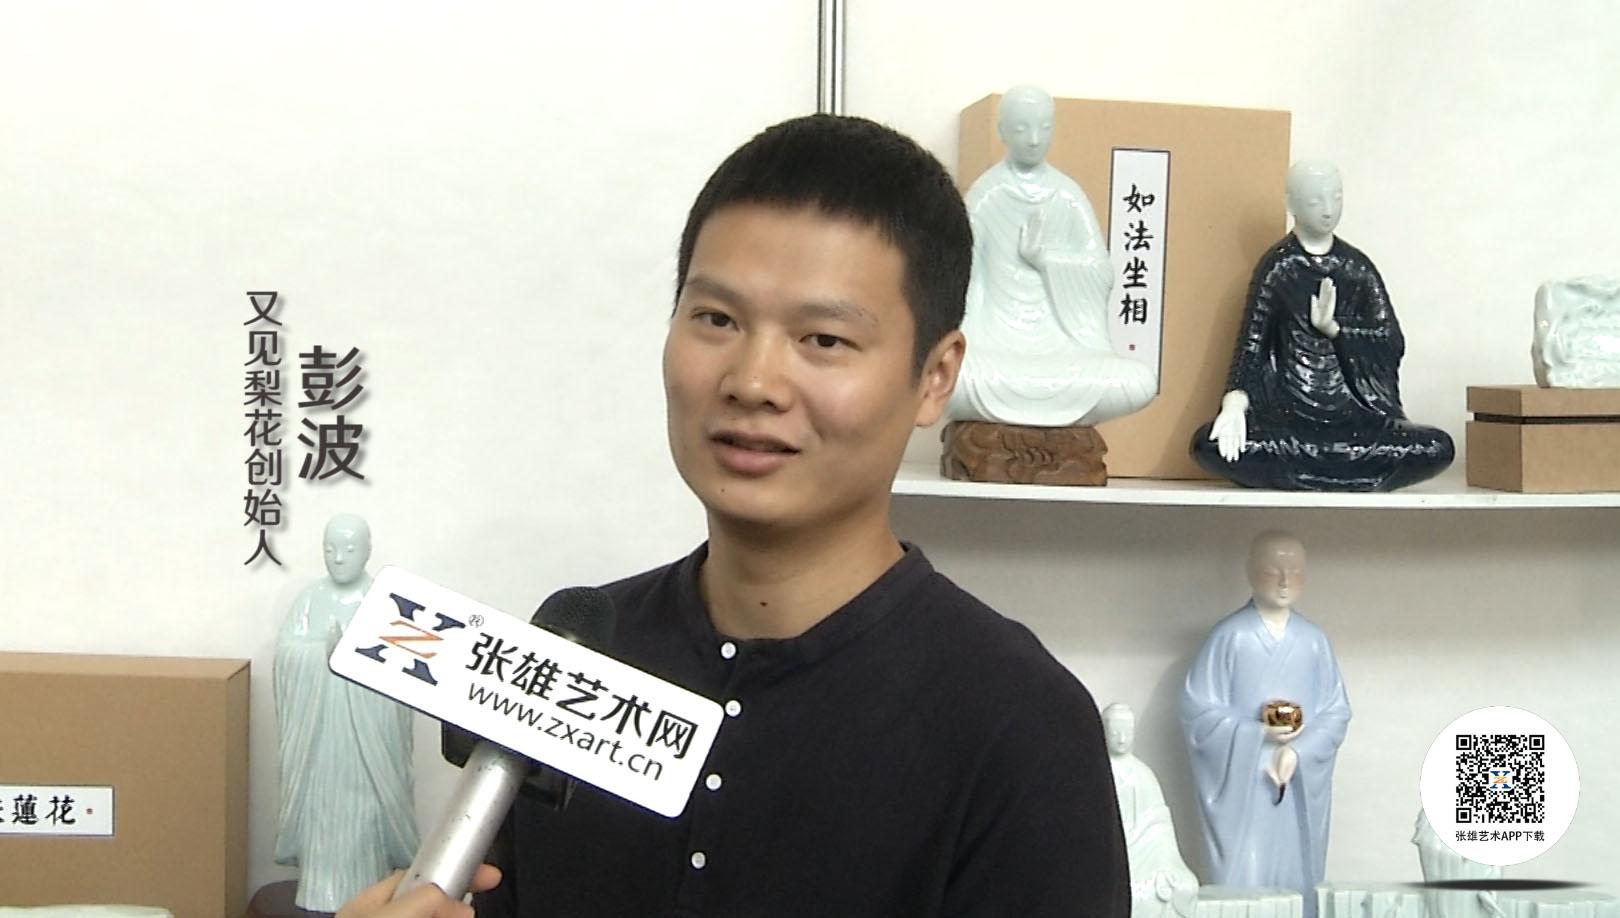 景德镇又见梨花陶瓷文化发展有限公司